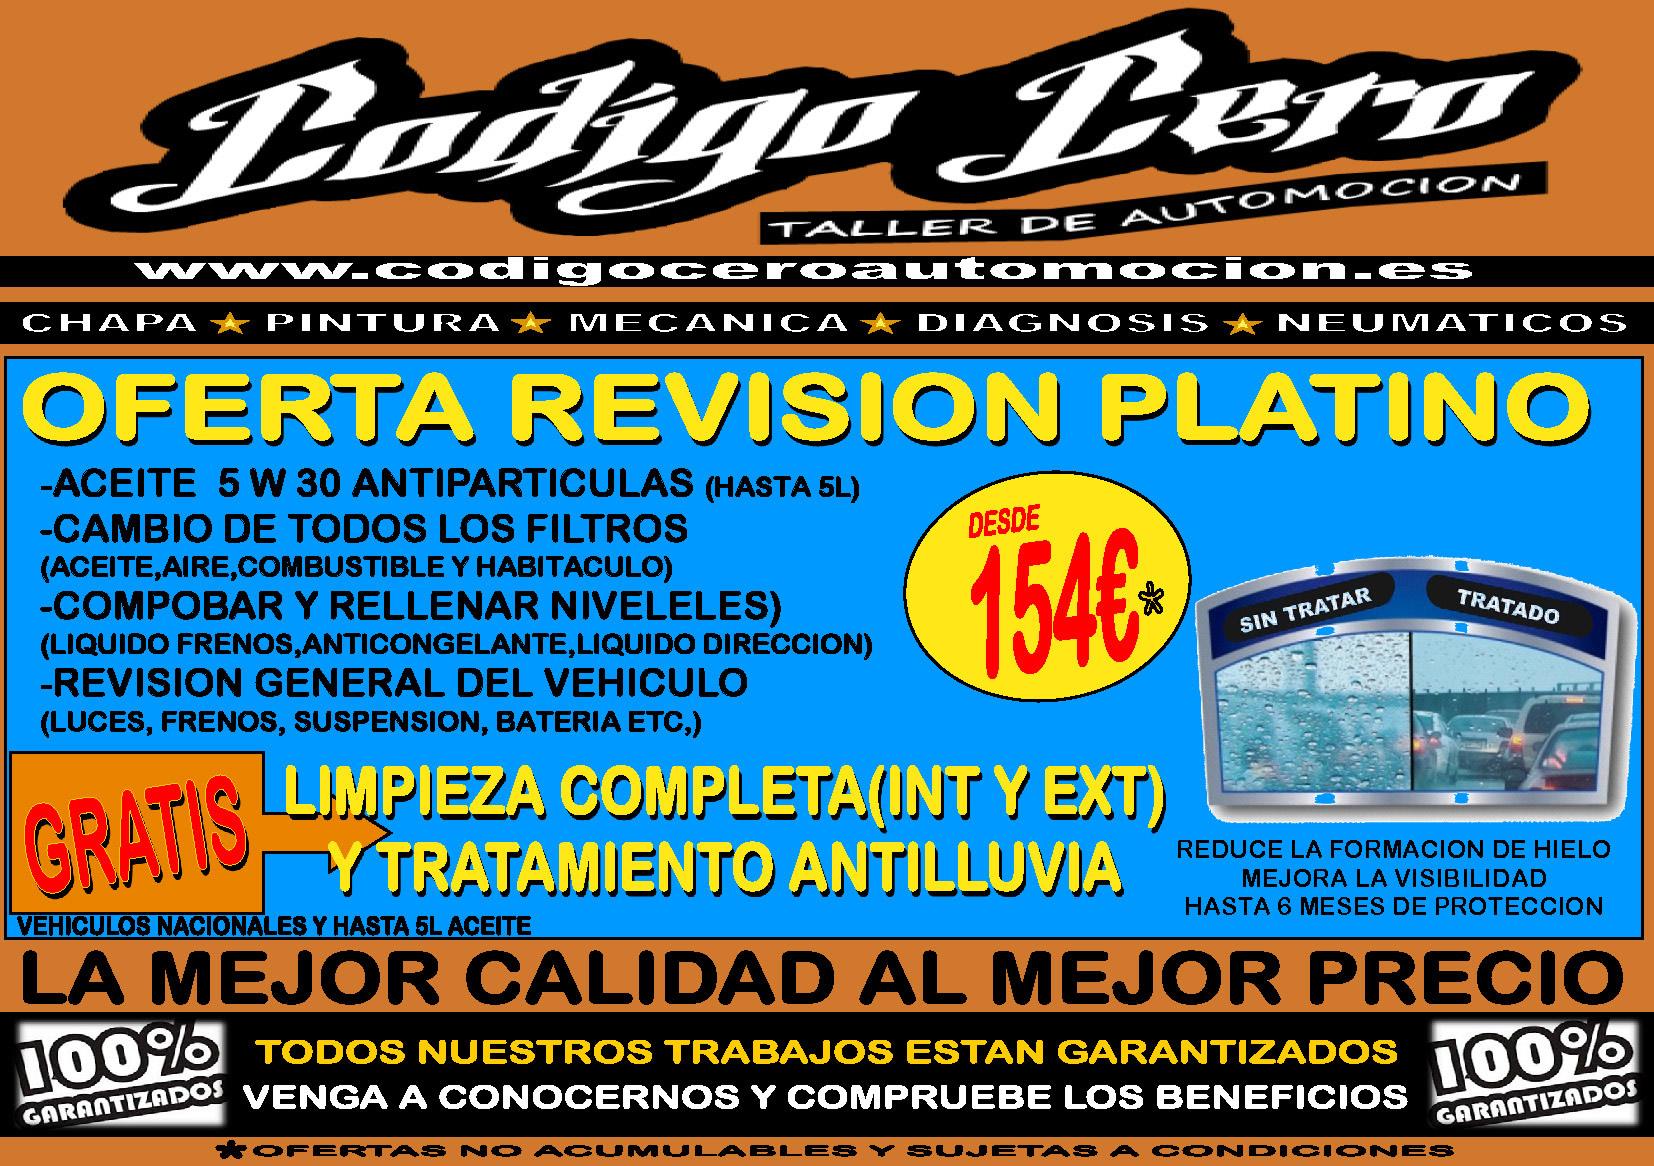 Revisión Platino 5w30